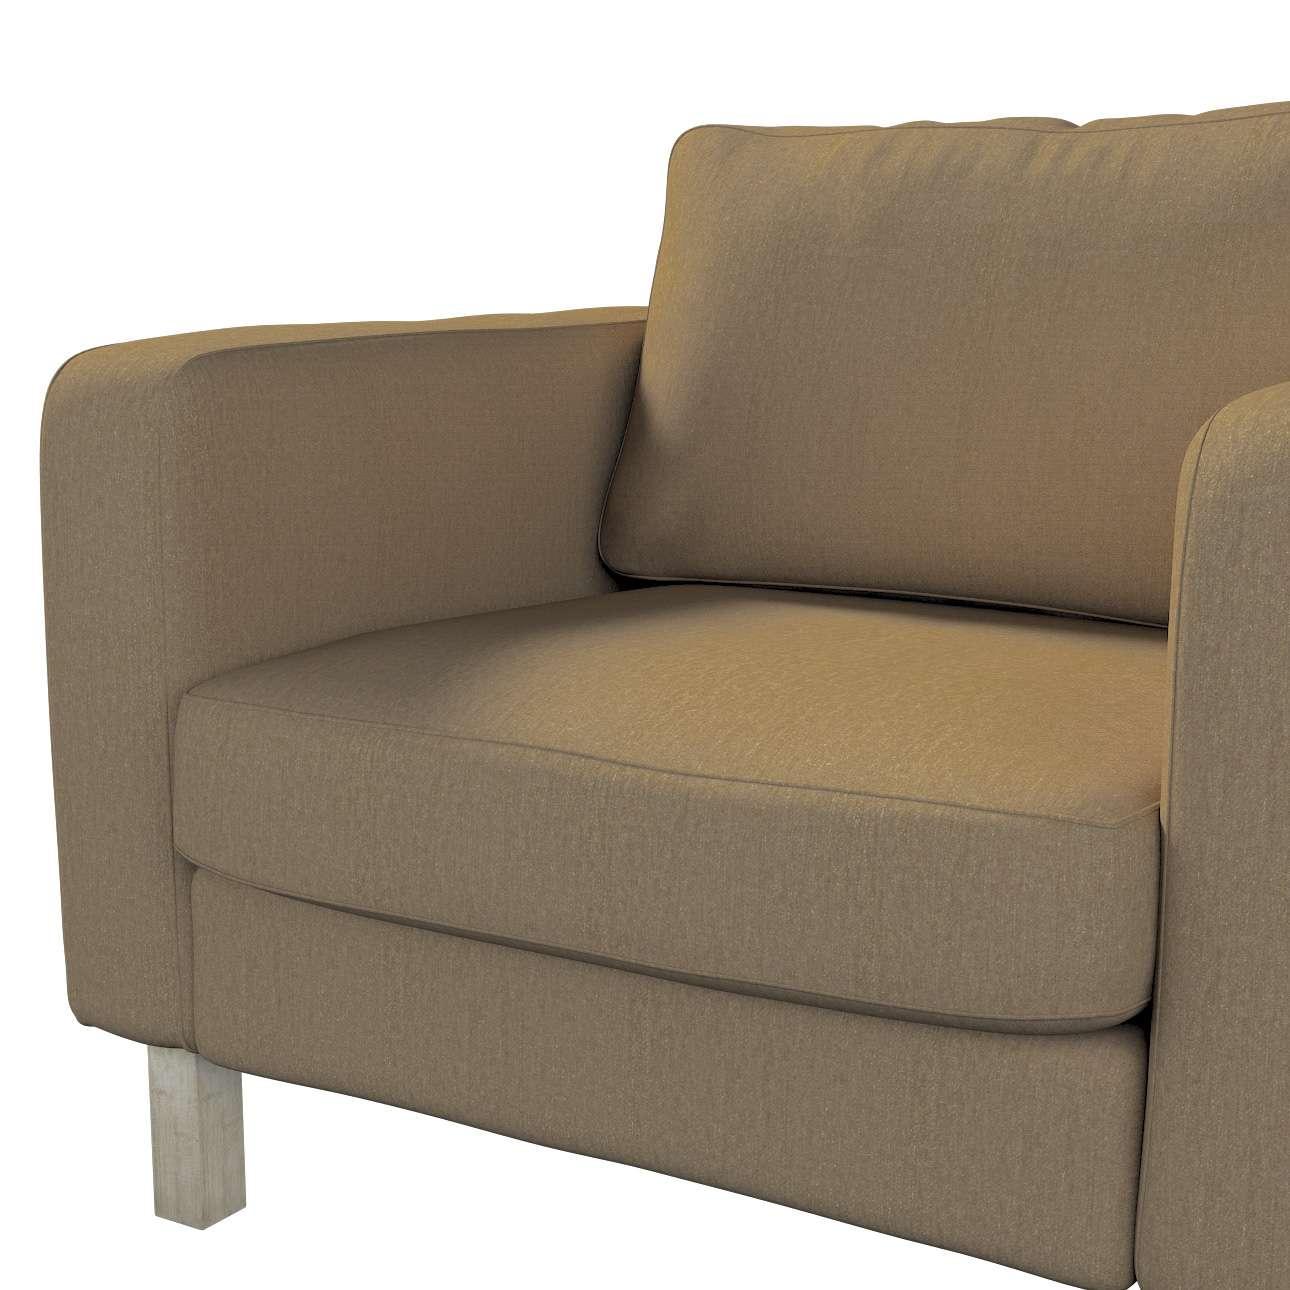 Pokrowiec na fotel Karlstad, krótki w kolekcji Chenille, tkanina: 702-21